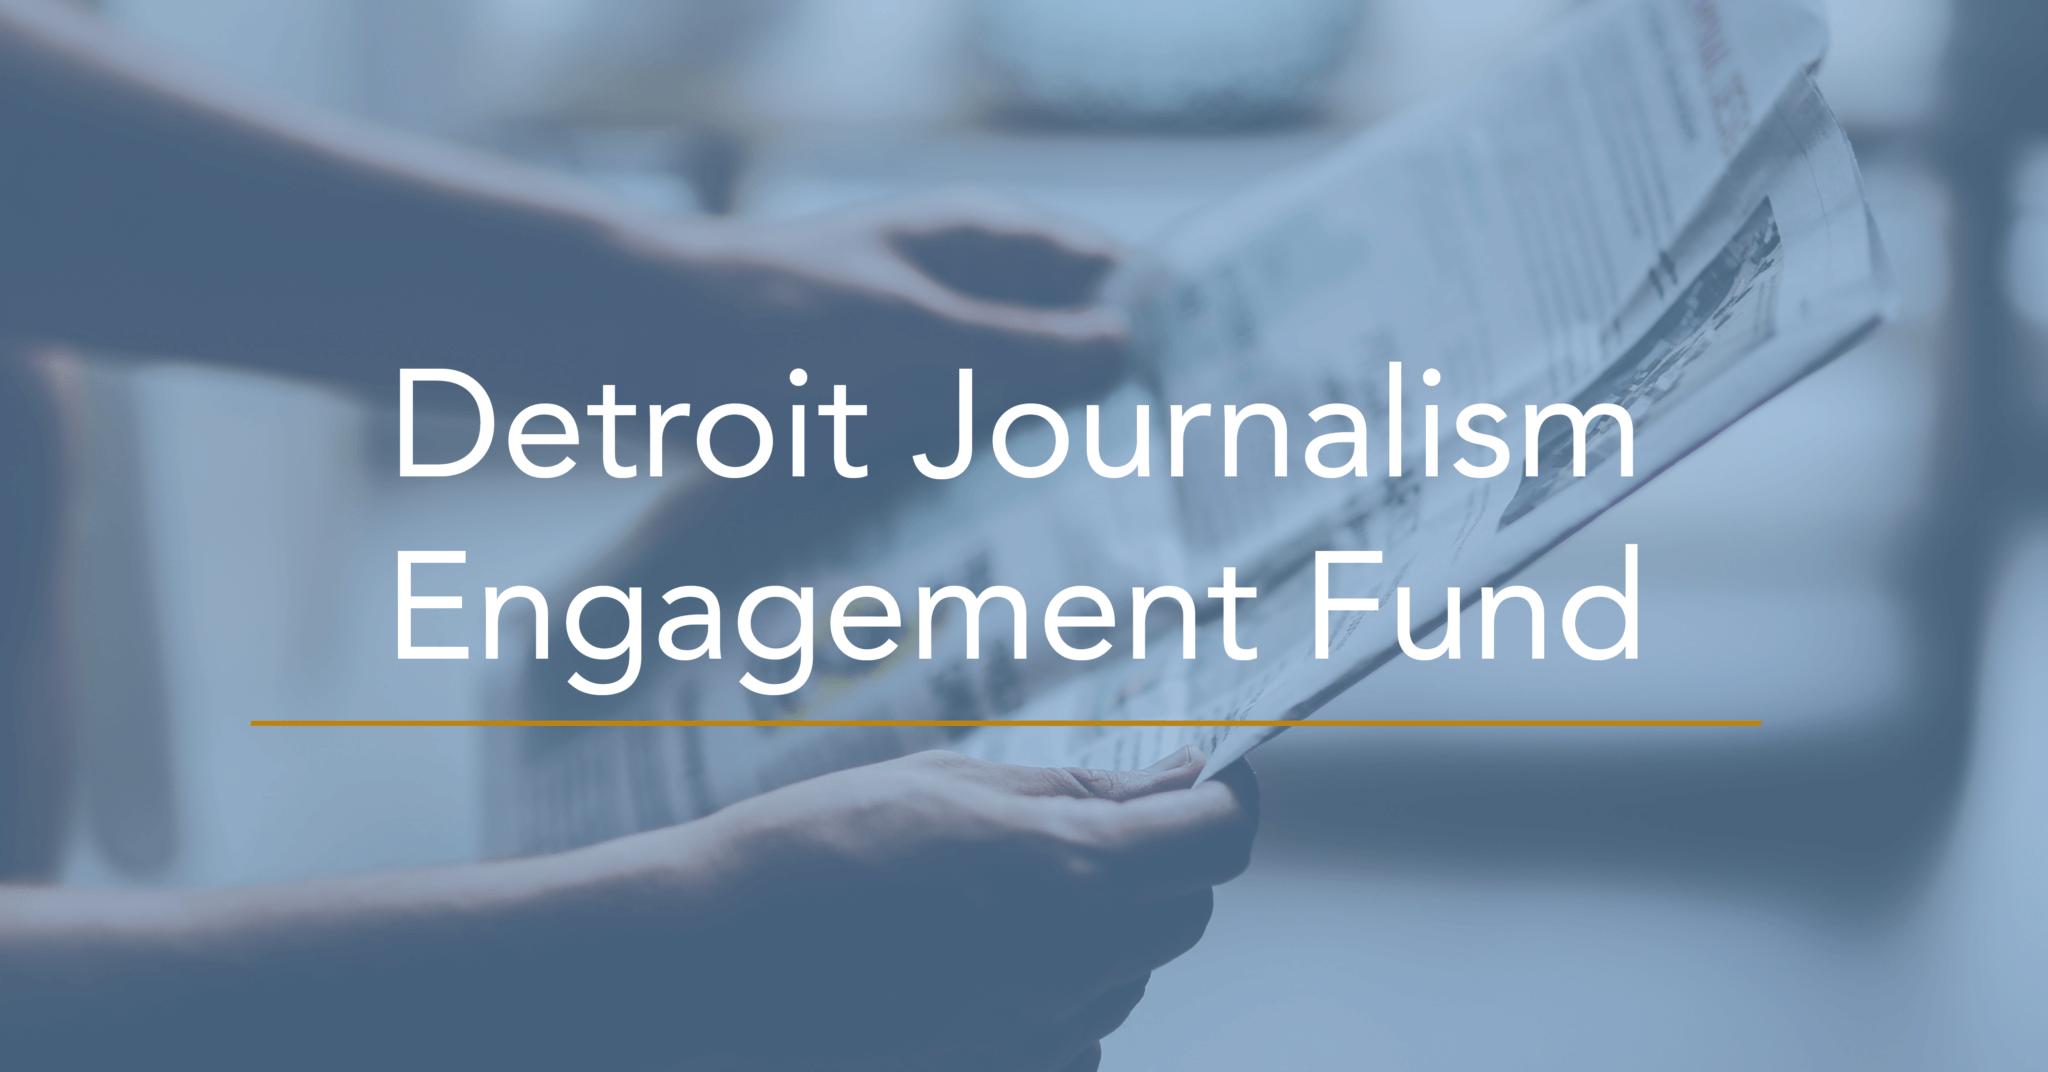 Detroit Journalism Engagement Fund